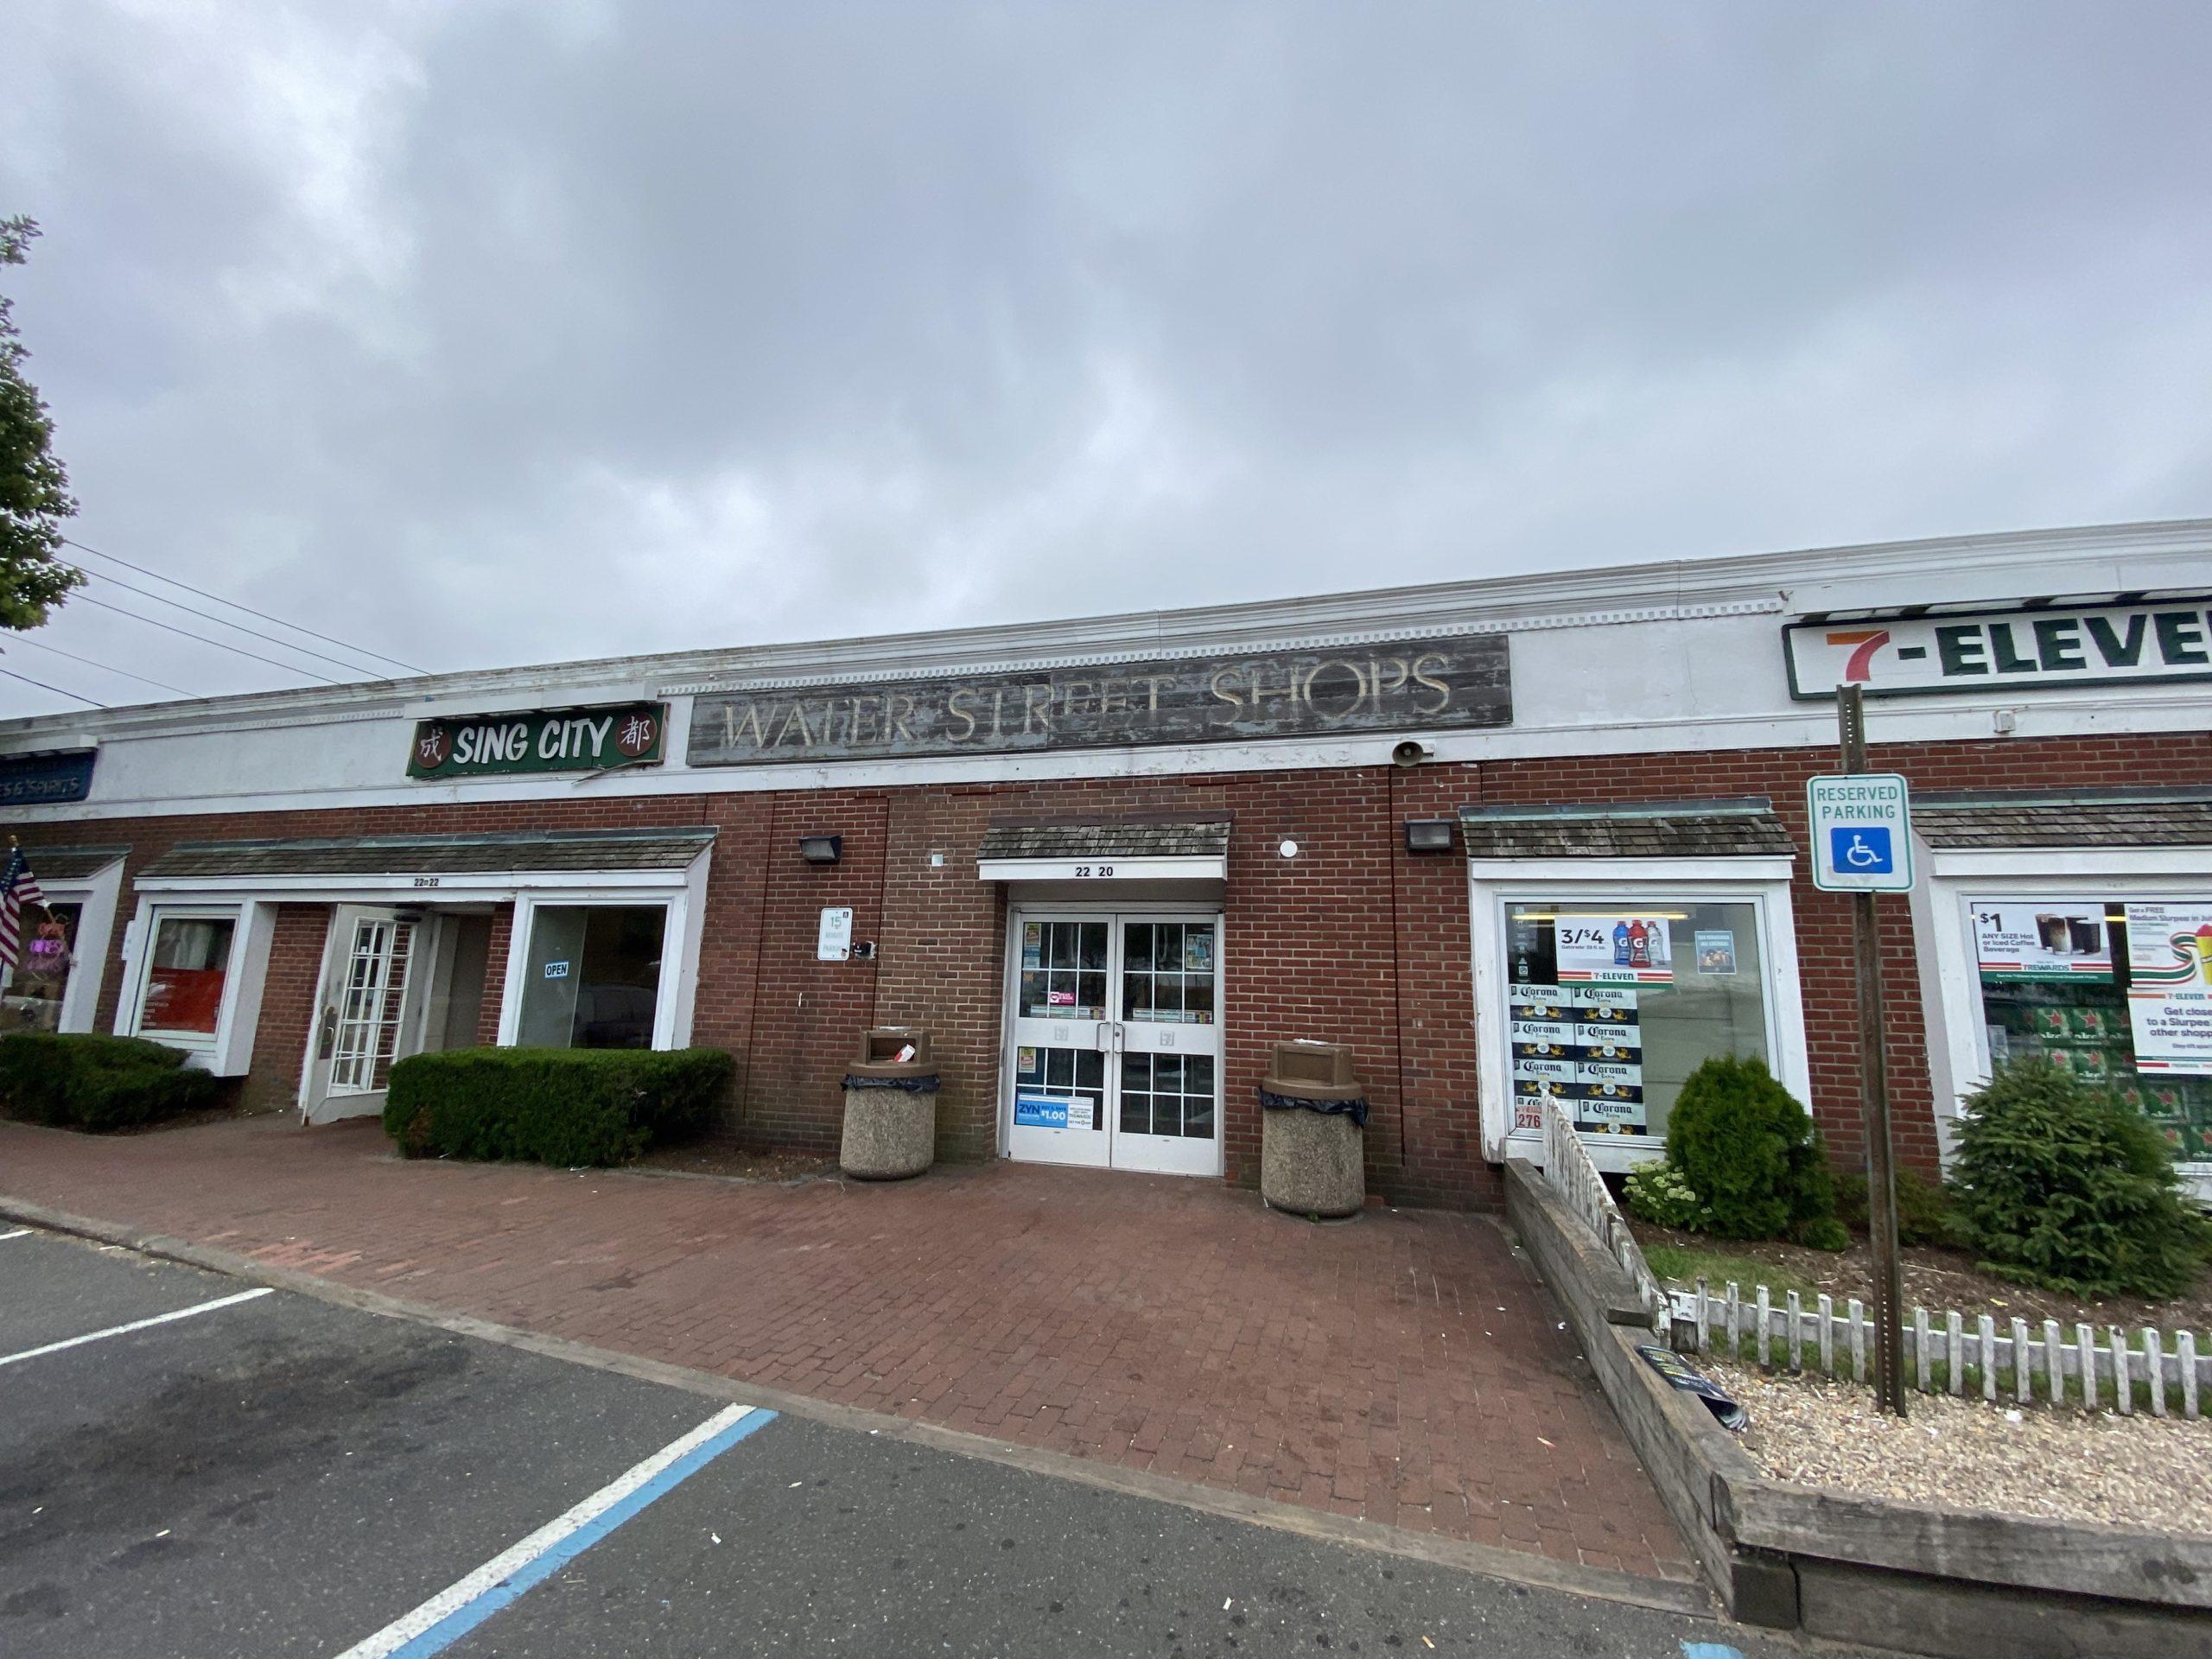 West Water Street Shops